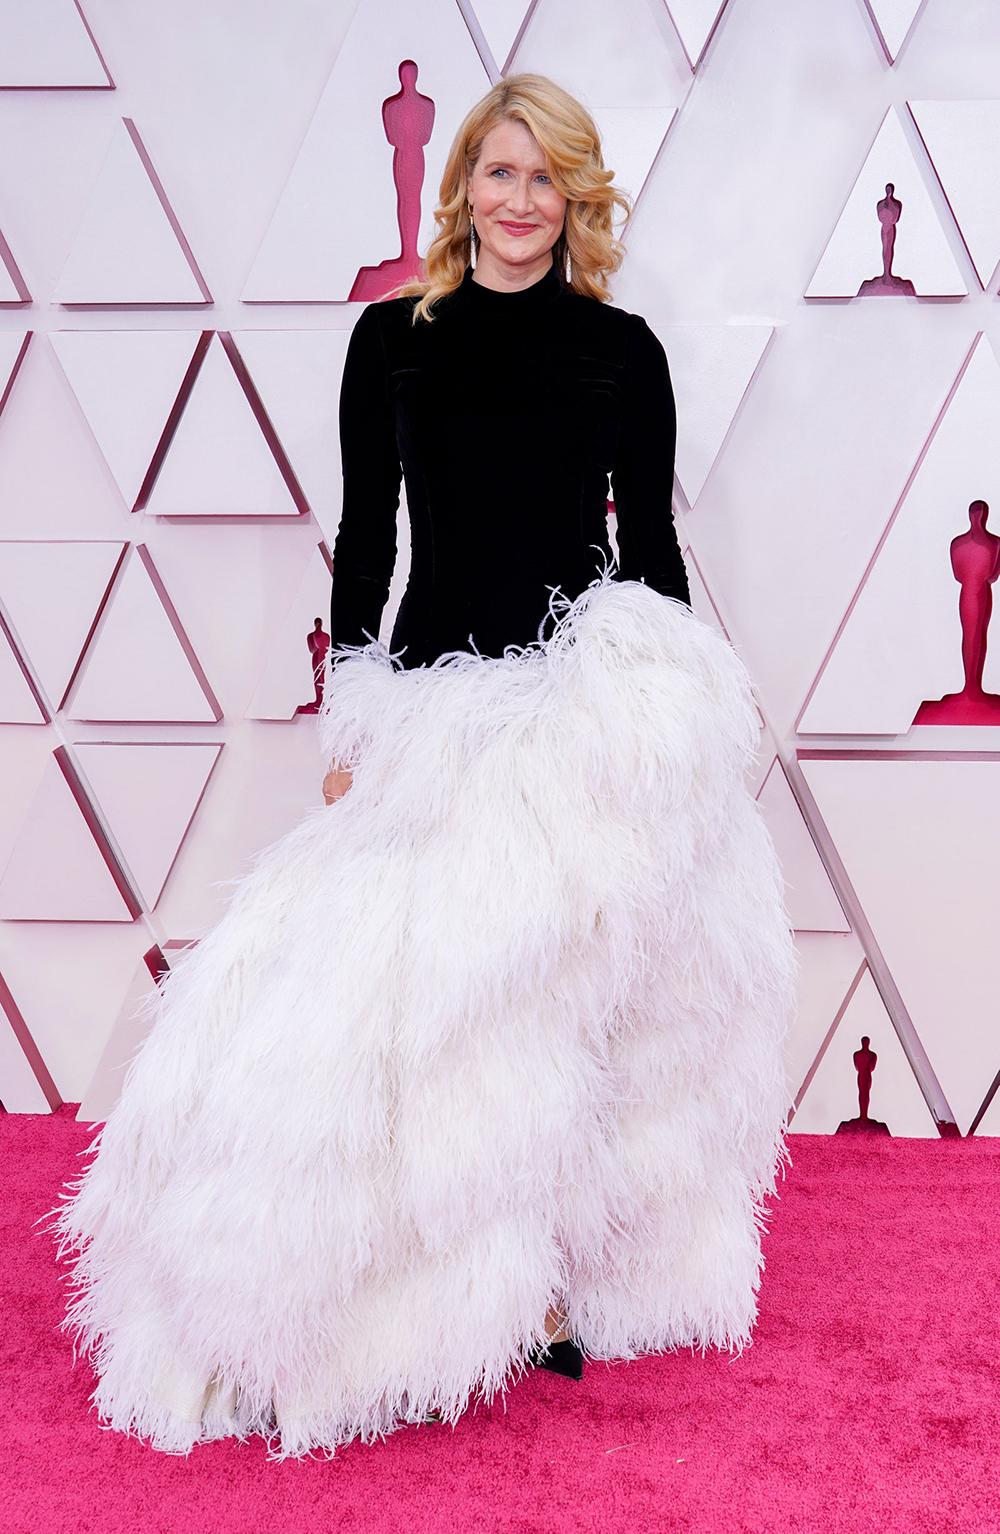 2021 Oscars Fashion I Laura Dern in Oscar de la Renta #fashionstyle #stylish